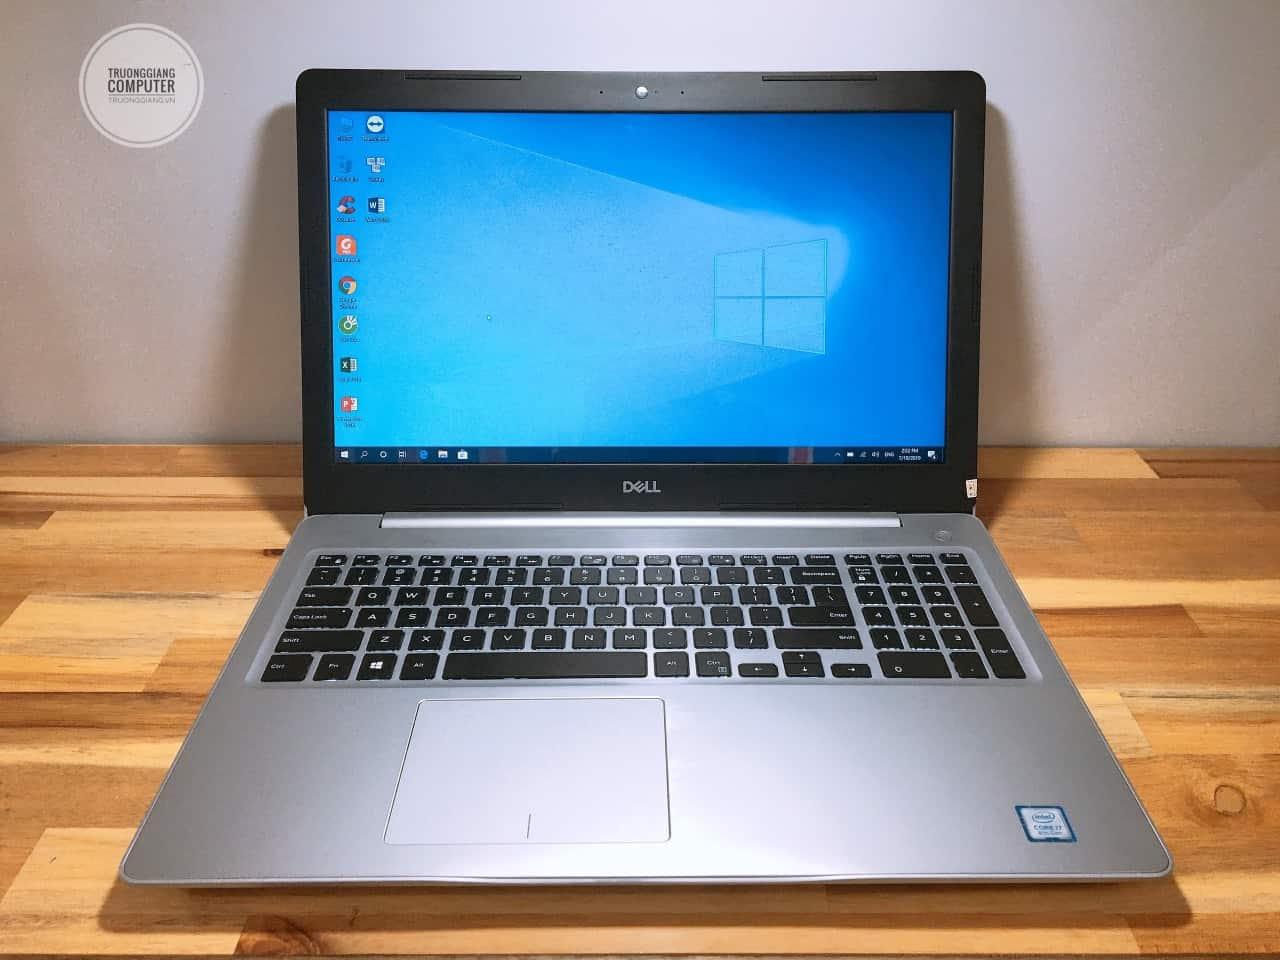 Công nghệ chống chói màn hình trên Dell Inspiron 5570 i7